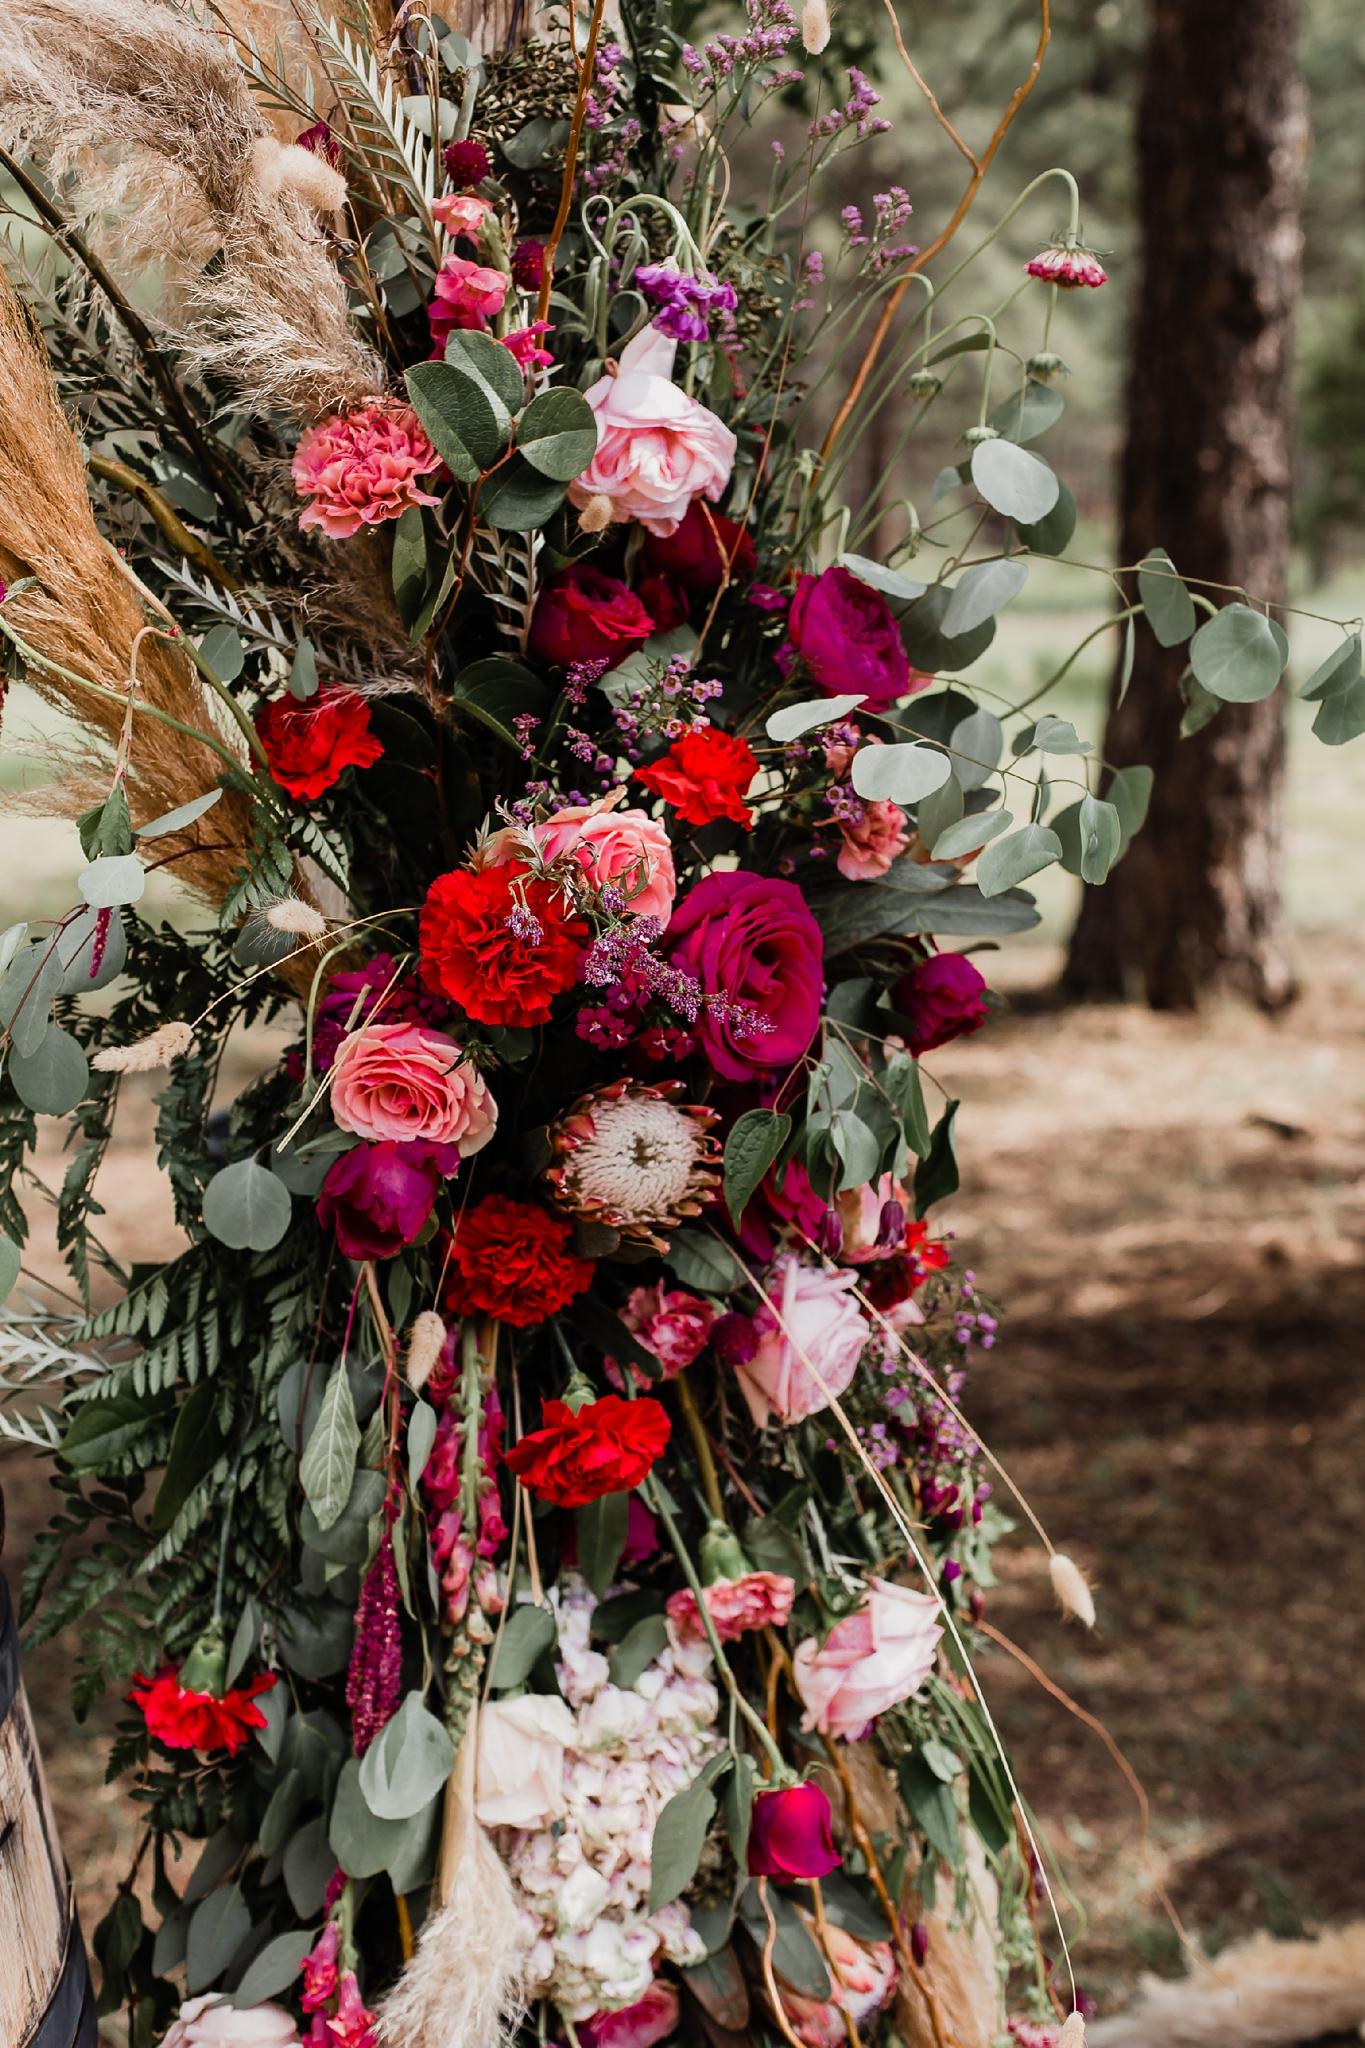 Alicia+lucia+photography+-+albuquerque+wedding+photographer+-+santa+fe+wedding+photography+-+new+mexico+wedding+photographer+-+new+mexico+wedding+-+new+mexico+wedding+-+barn+wedding+-+enchanted+vine+barn+wedding+-+ruidoso+wedding_0033.jpg